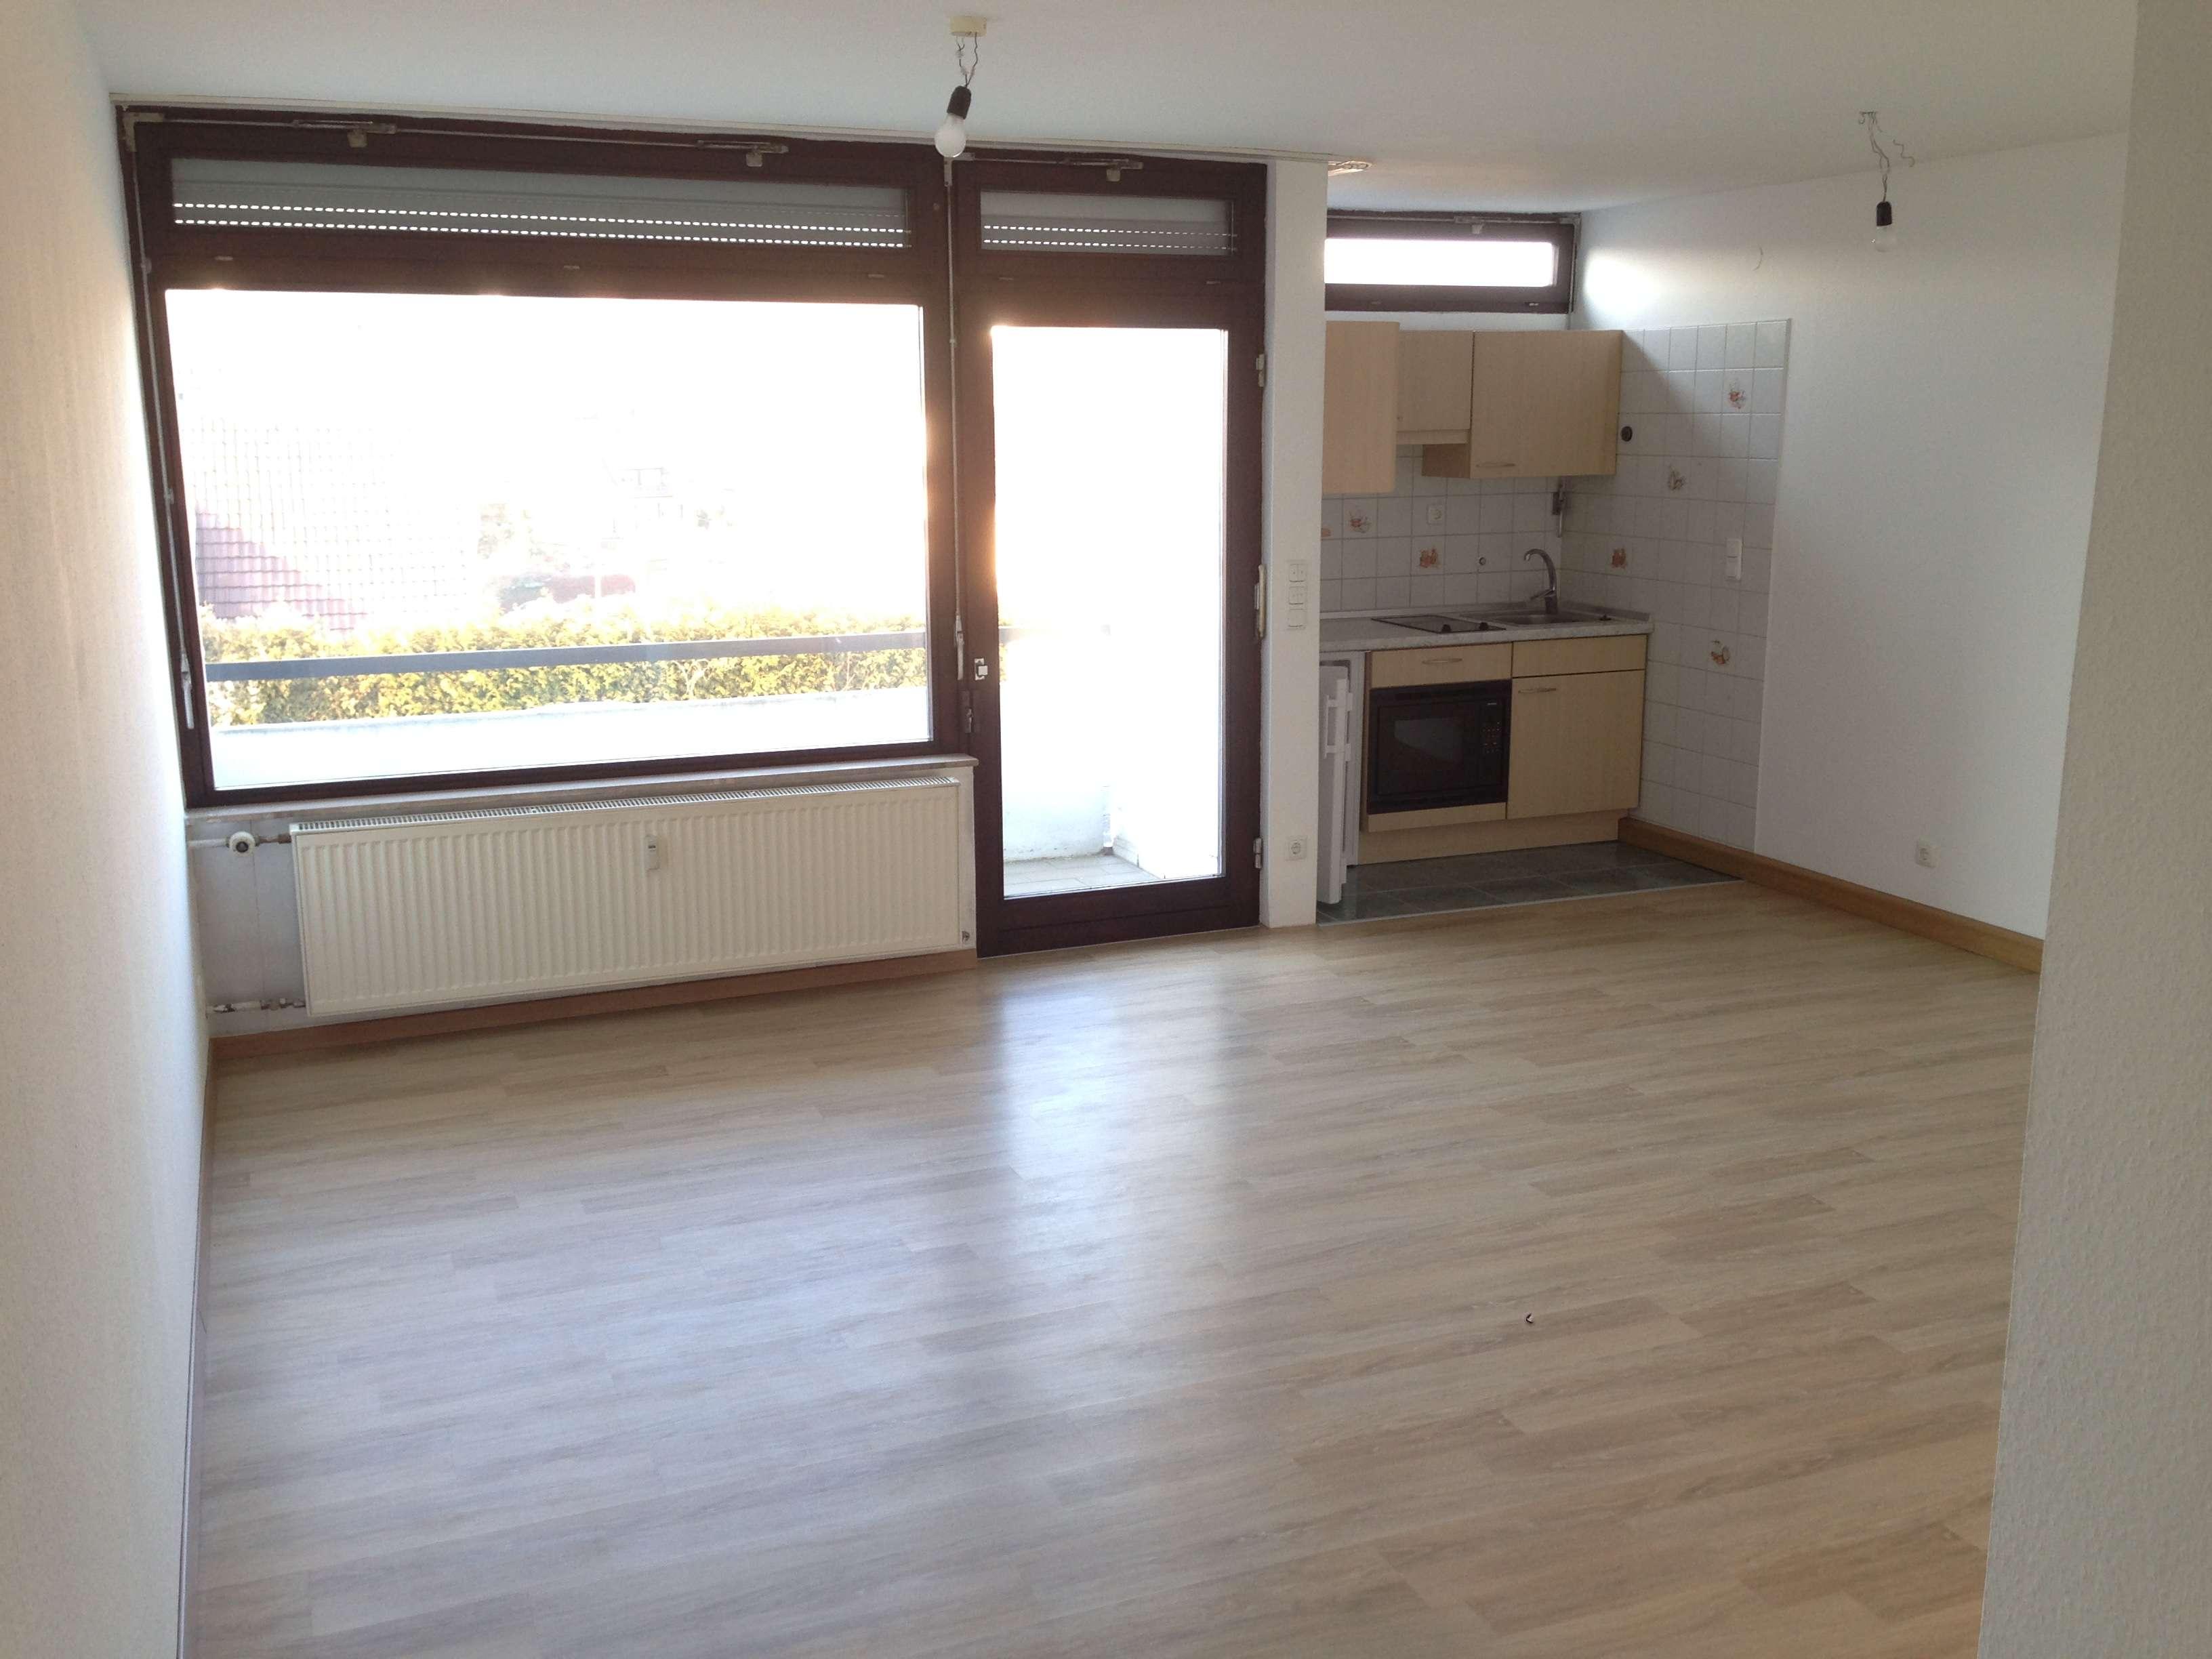 Schöne, helle 1-Zimmer-Wohnung mit Balkon in Würzburg, Versbach. in